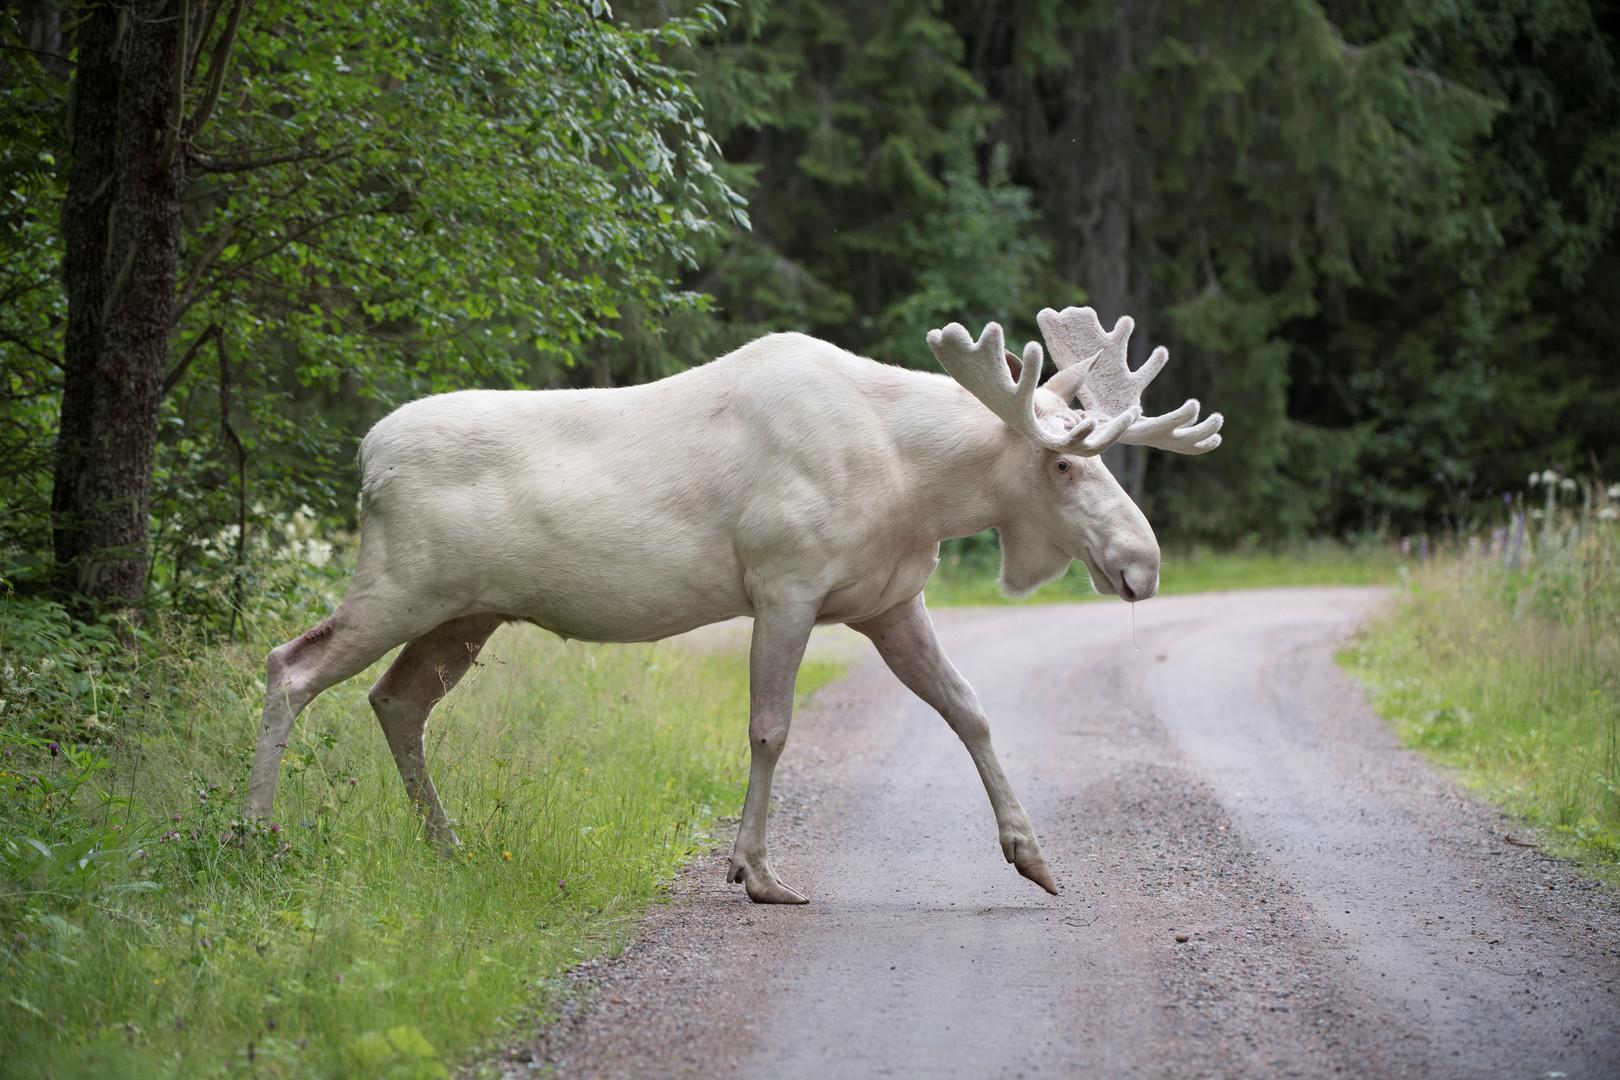 Ein seltener weißer Elch, Gunnarskog, Schweden, 31. Juli 2017.